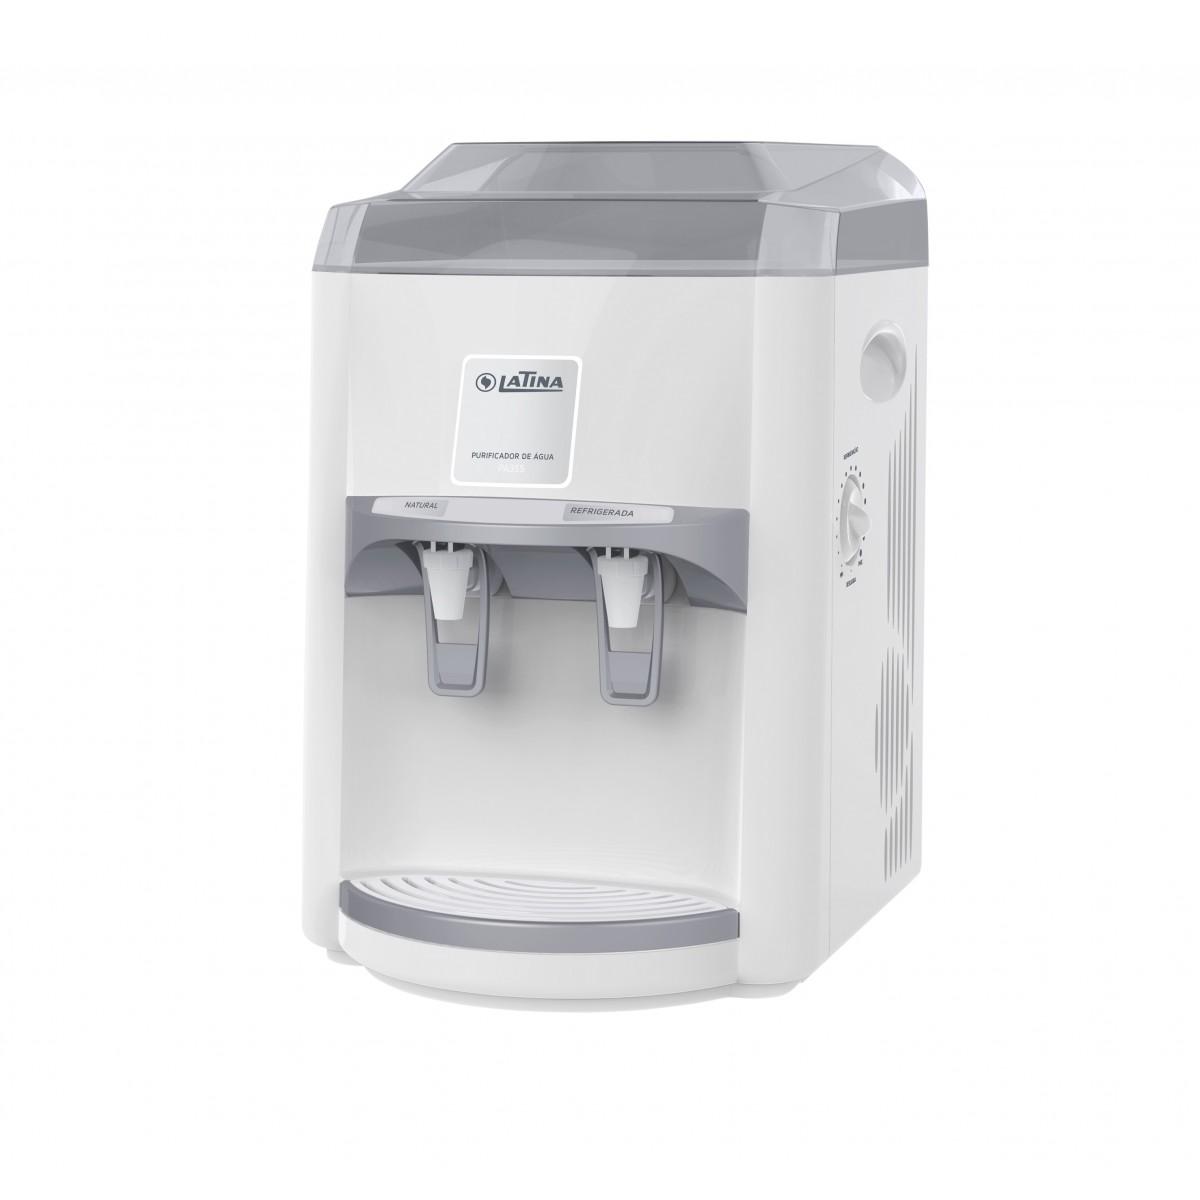 Purificador de Água Refrigerado Latina PA355 127V  - ShopNoroeste.com.br